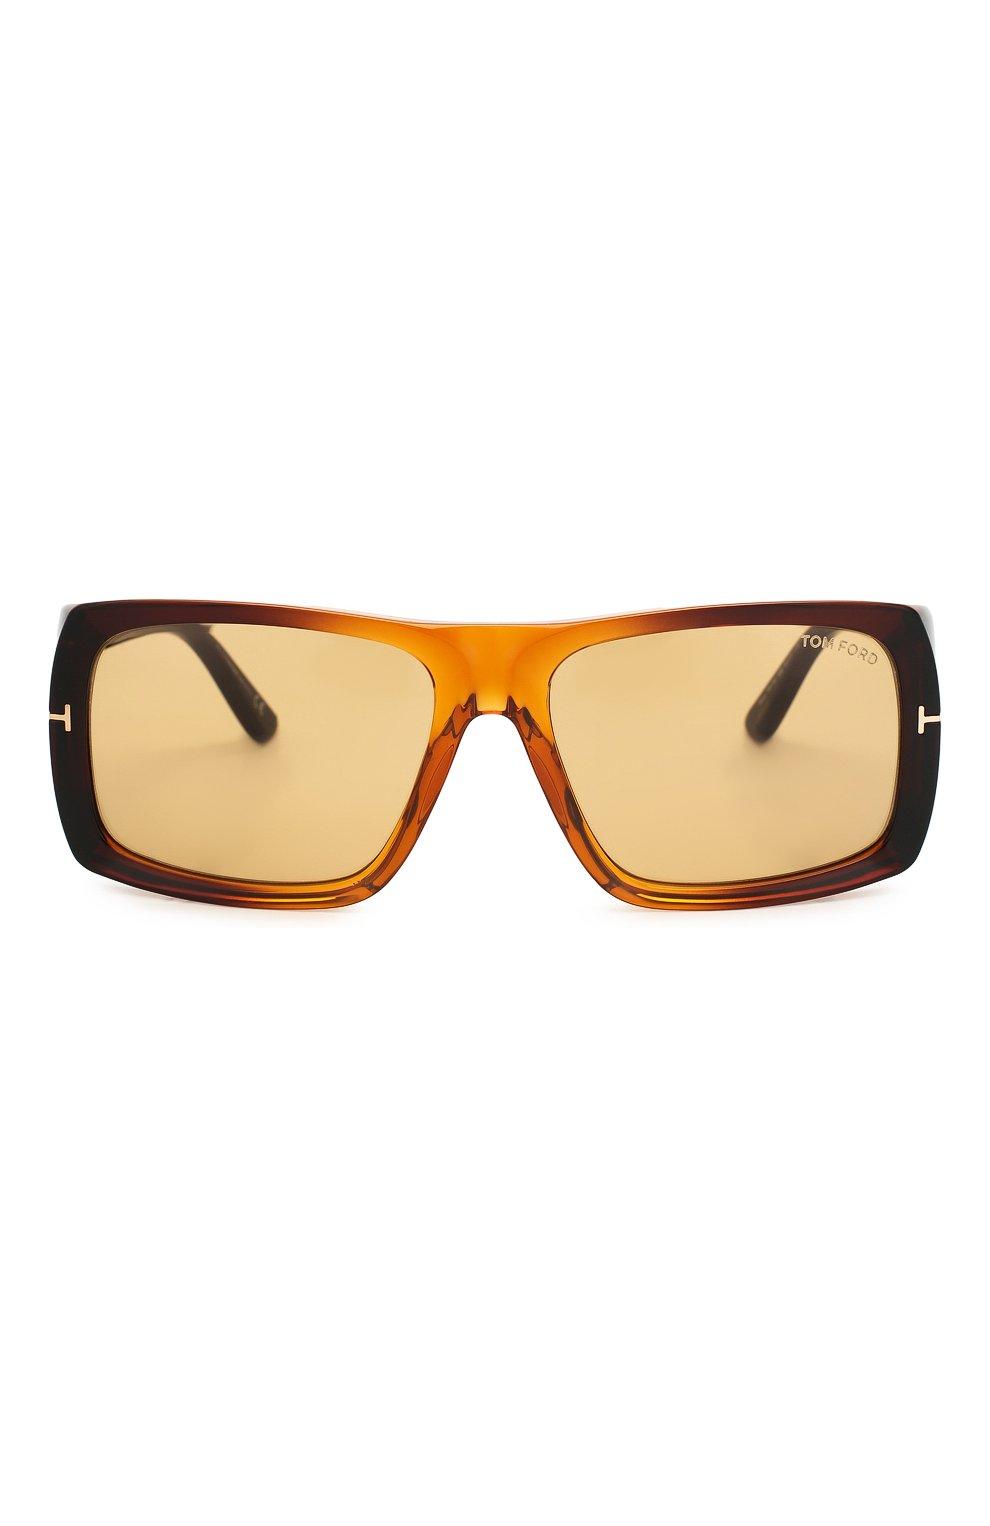 Женские солнцезащитные очки TOM FORD коричневого цвета, арт. TF730 48E | Фото 3